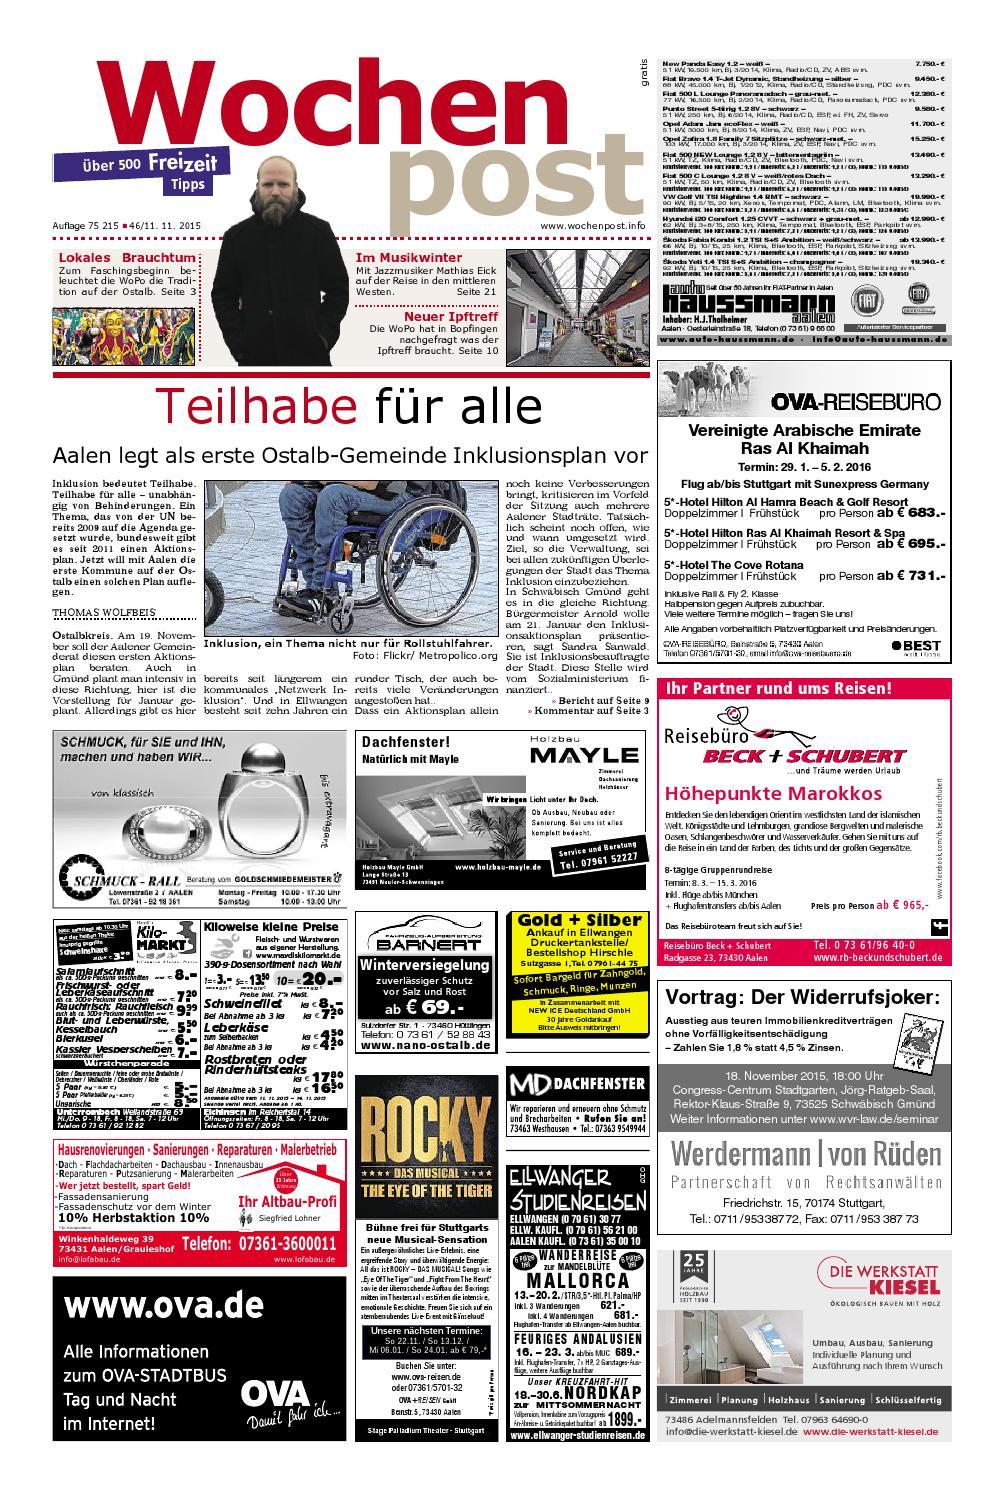 Die Wochenpost - KW 46 by Wolfram Daur - issuu